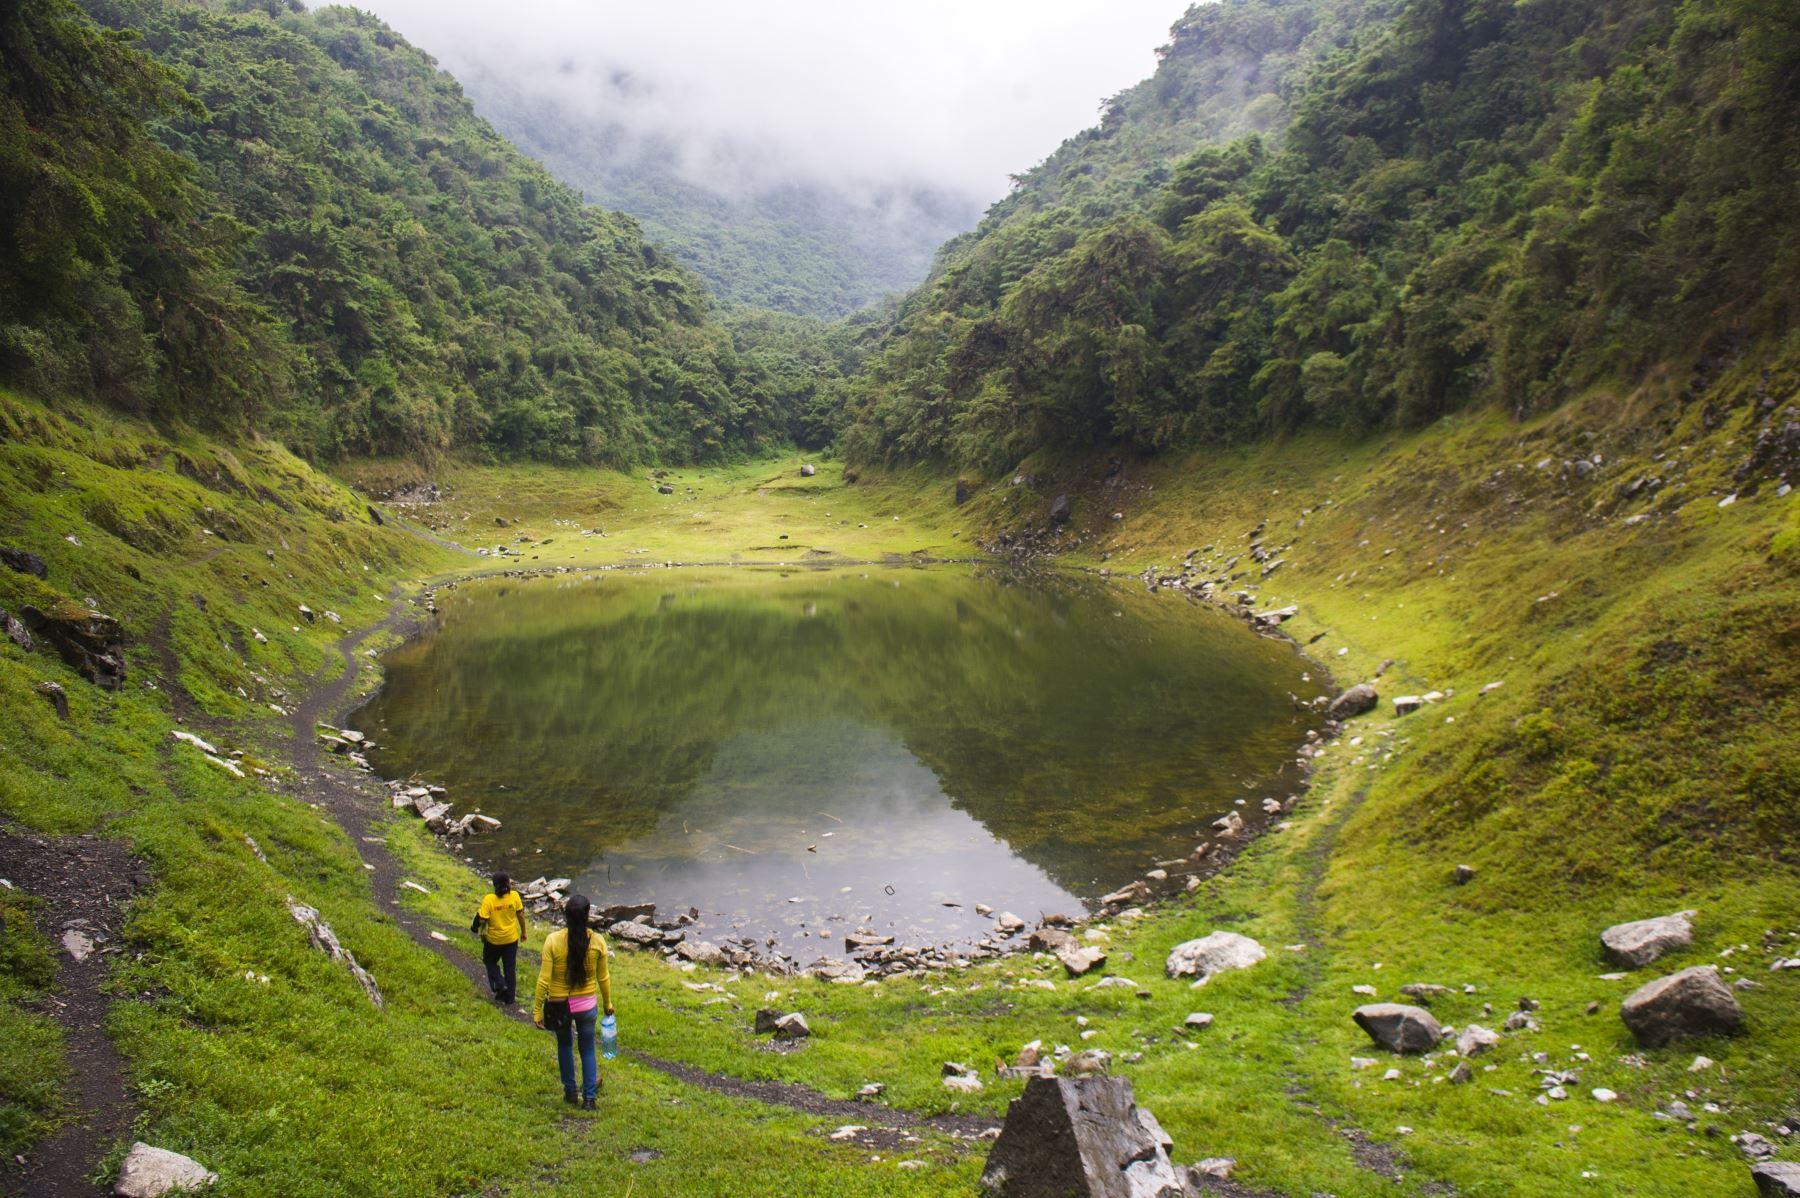 Laguna de Angascocha, en el Santuario Nacional de Ampay, ubicado en la región Apurímac, que reabrió sus puertas al turismo como parte de la reactivación económica del país tras cumplir con la implementación del protocolo sanitario para evitar el contagio y la propagación del covid-19. ANDINA/Difusión